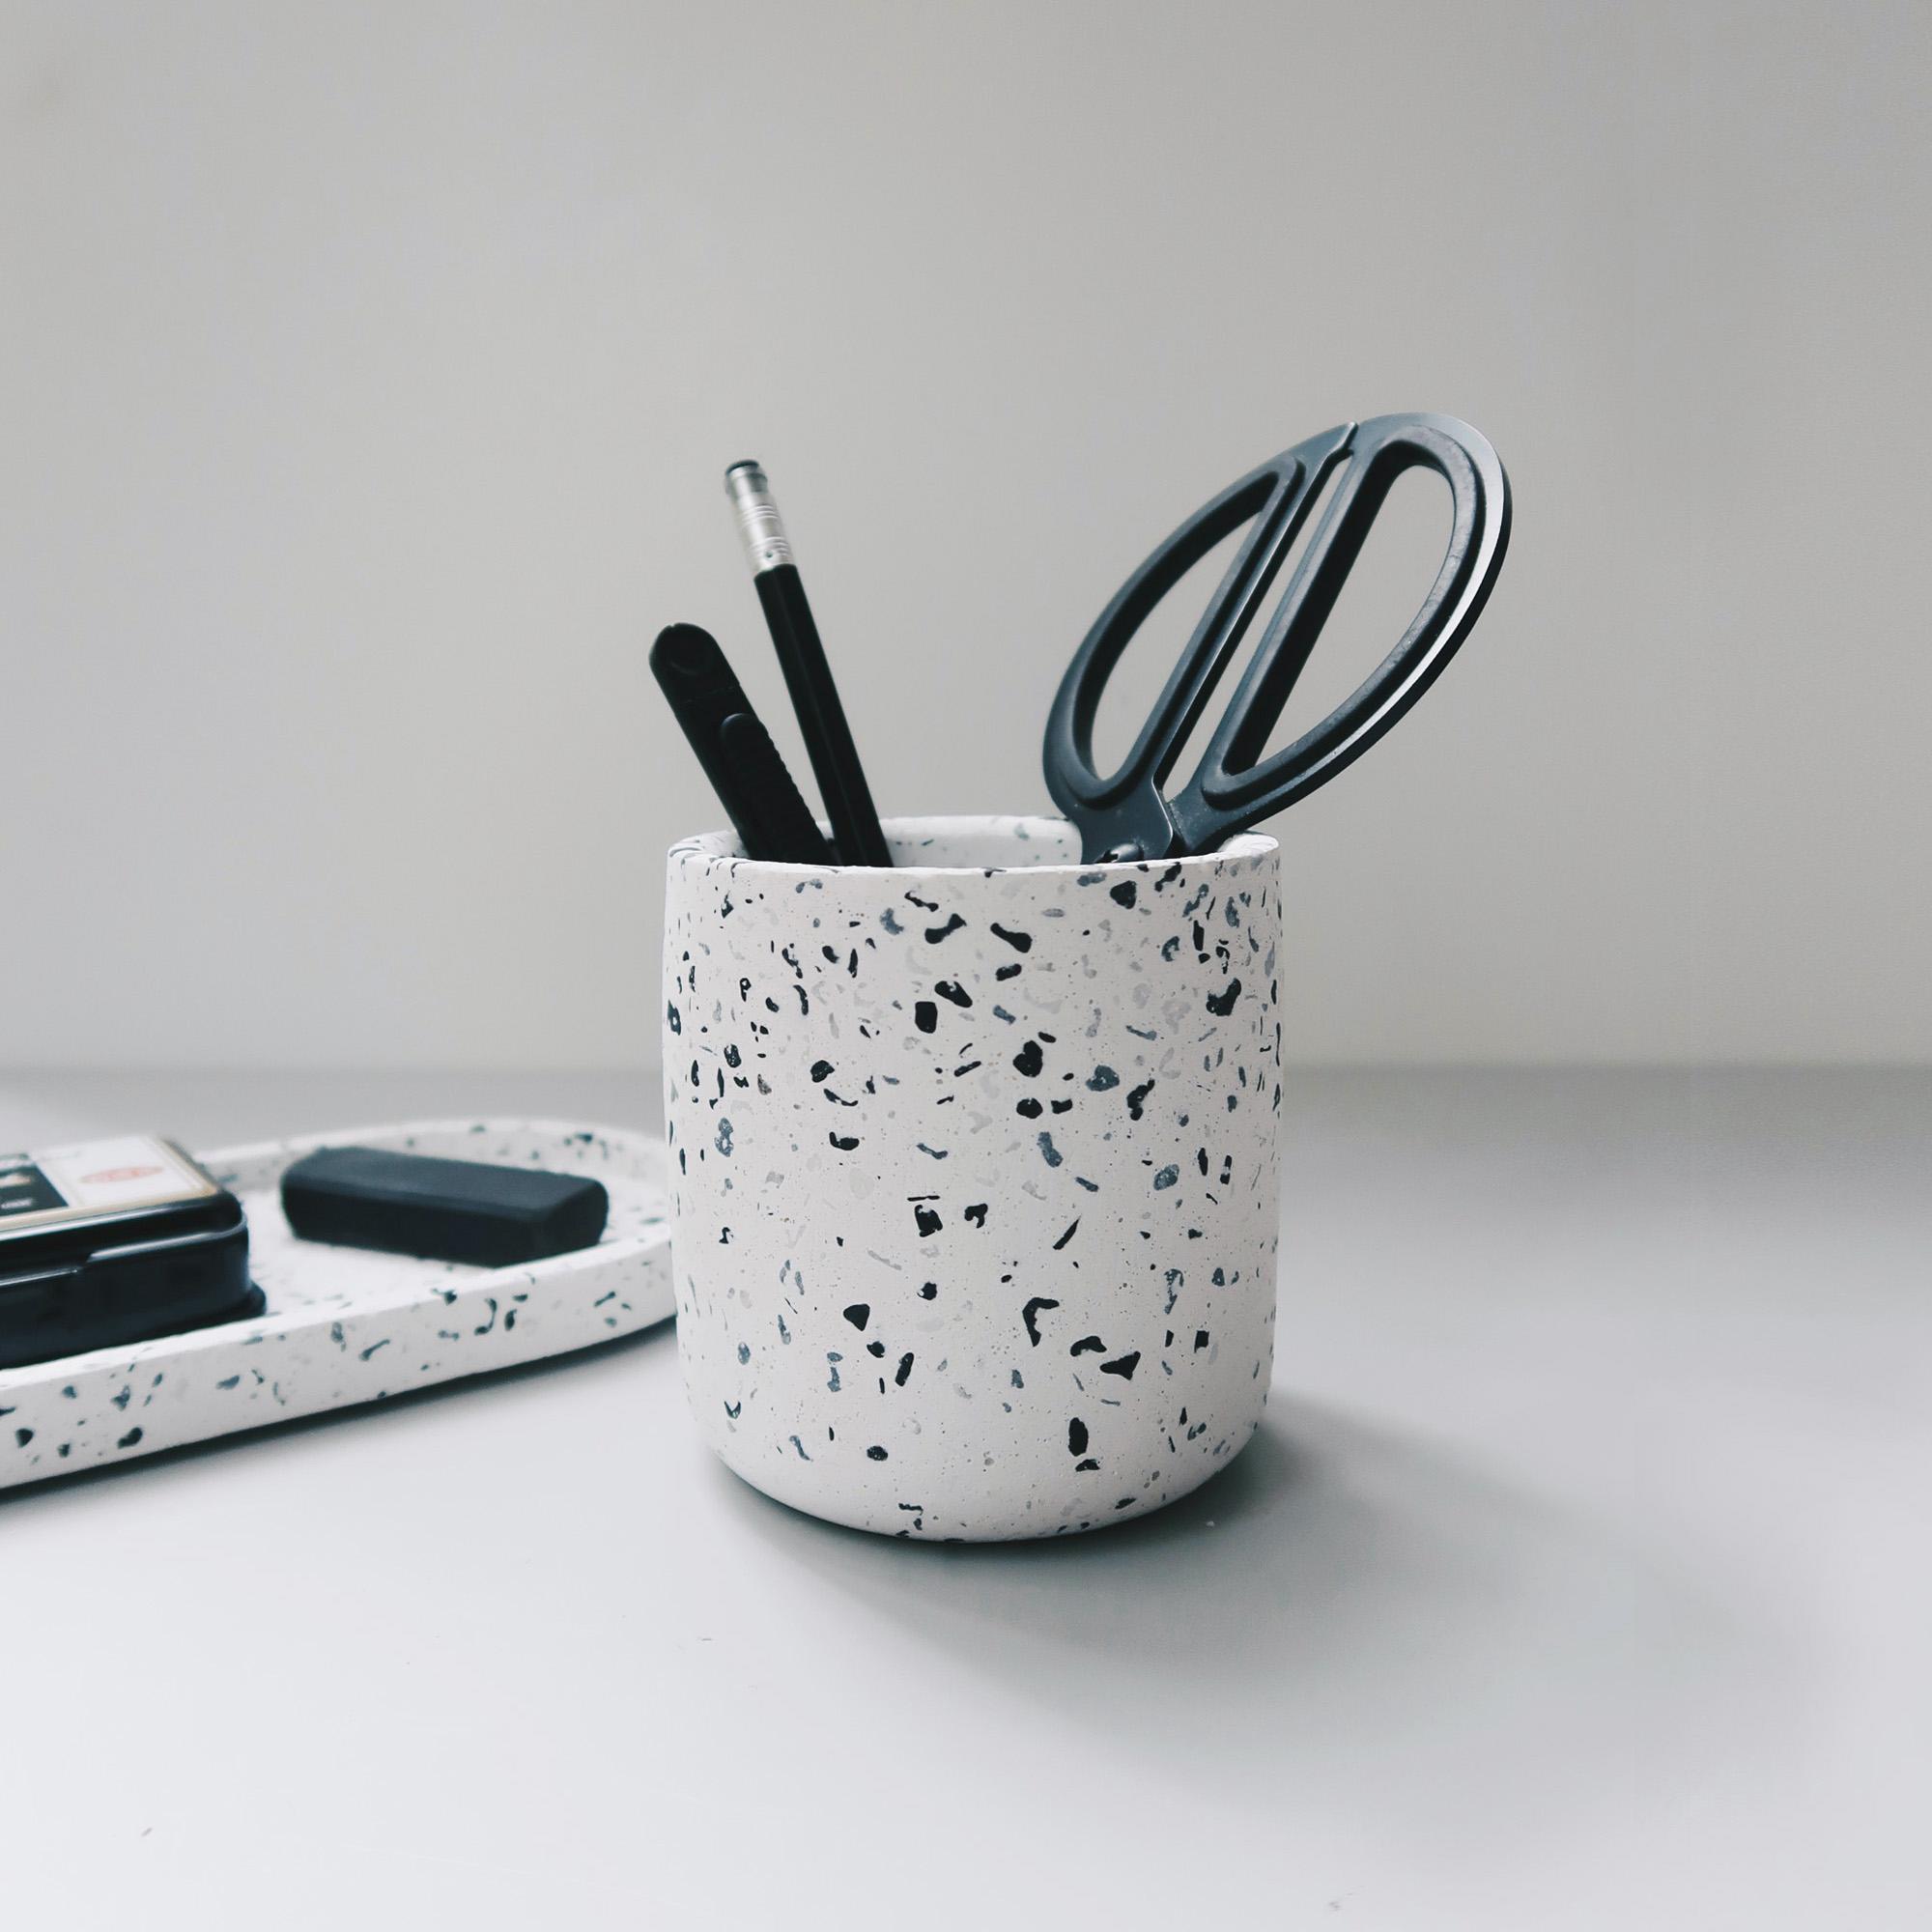 Terrazzo 磨石子經典黑白水泥設計家飾・擺飾・禮物